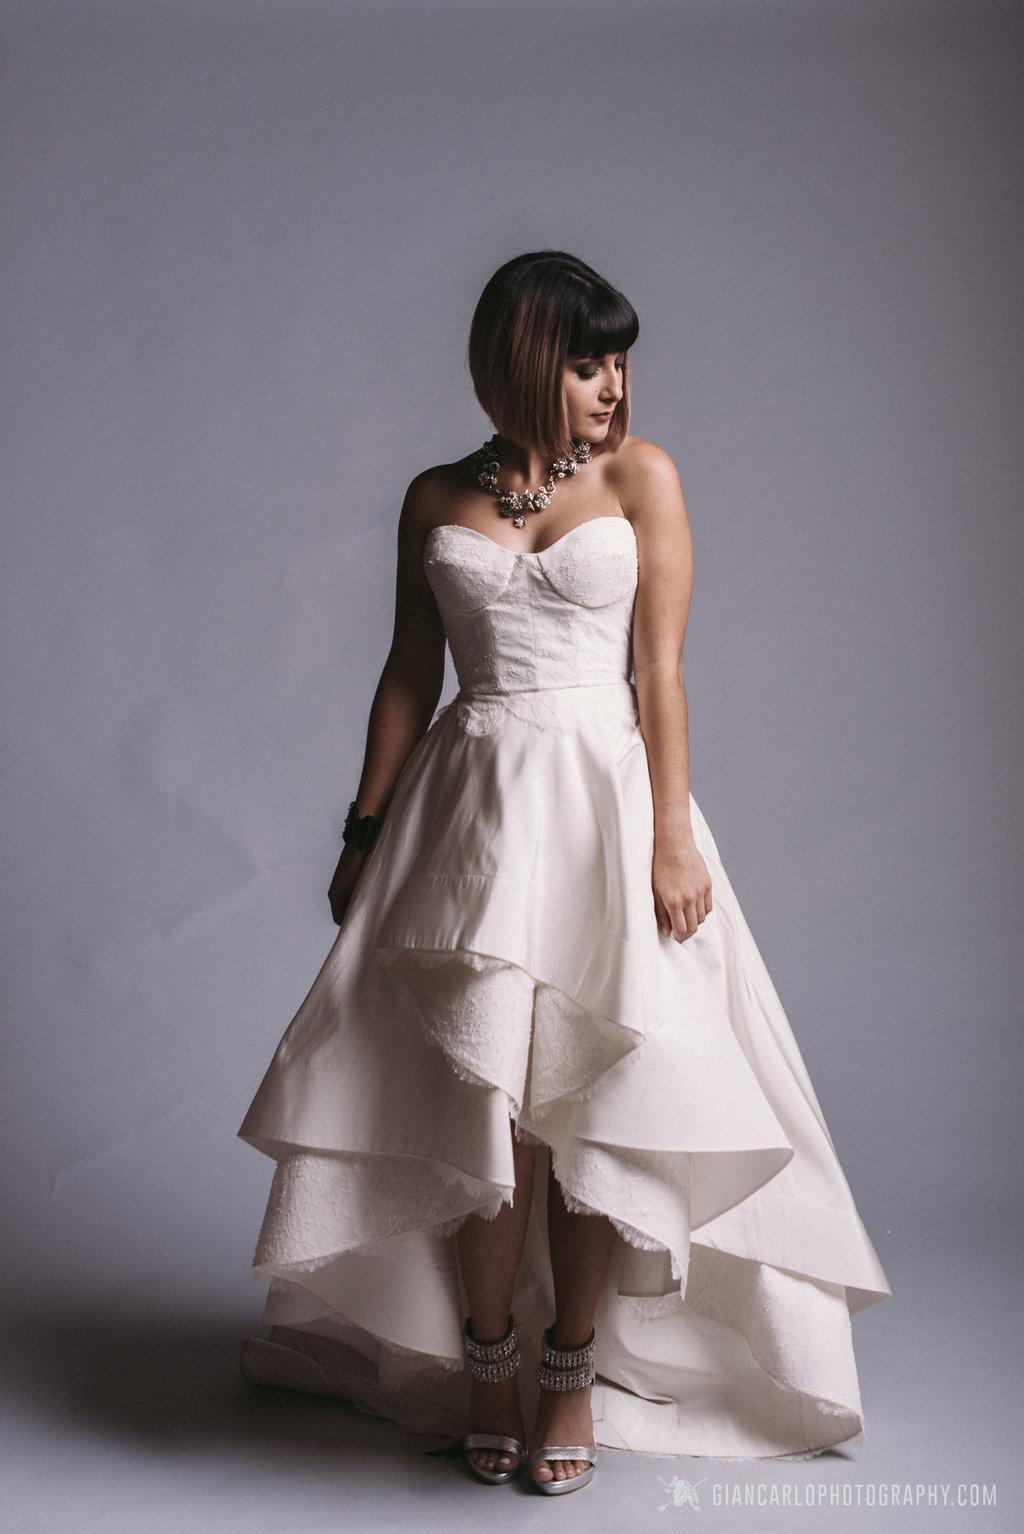 orlando_wedding_photographer_florida_gian_carlo_photography_195